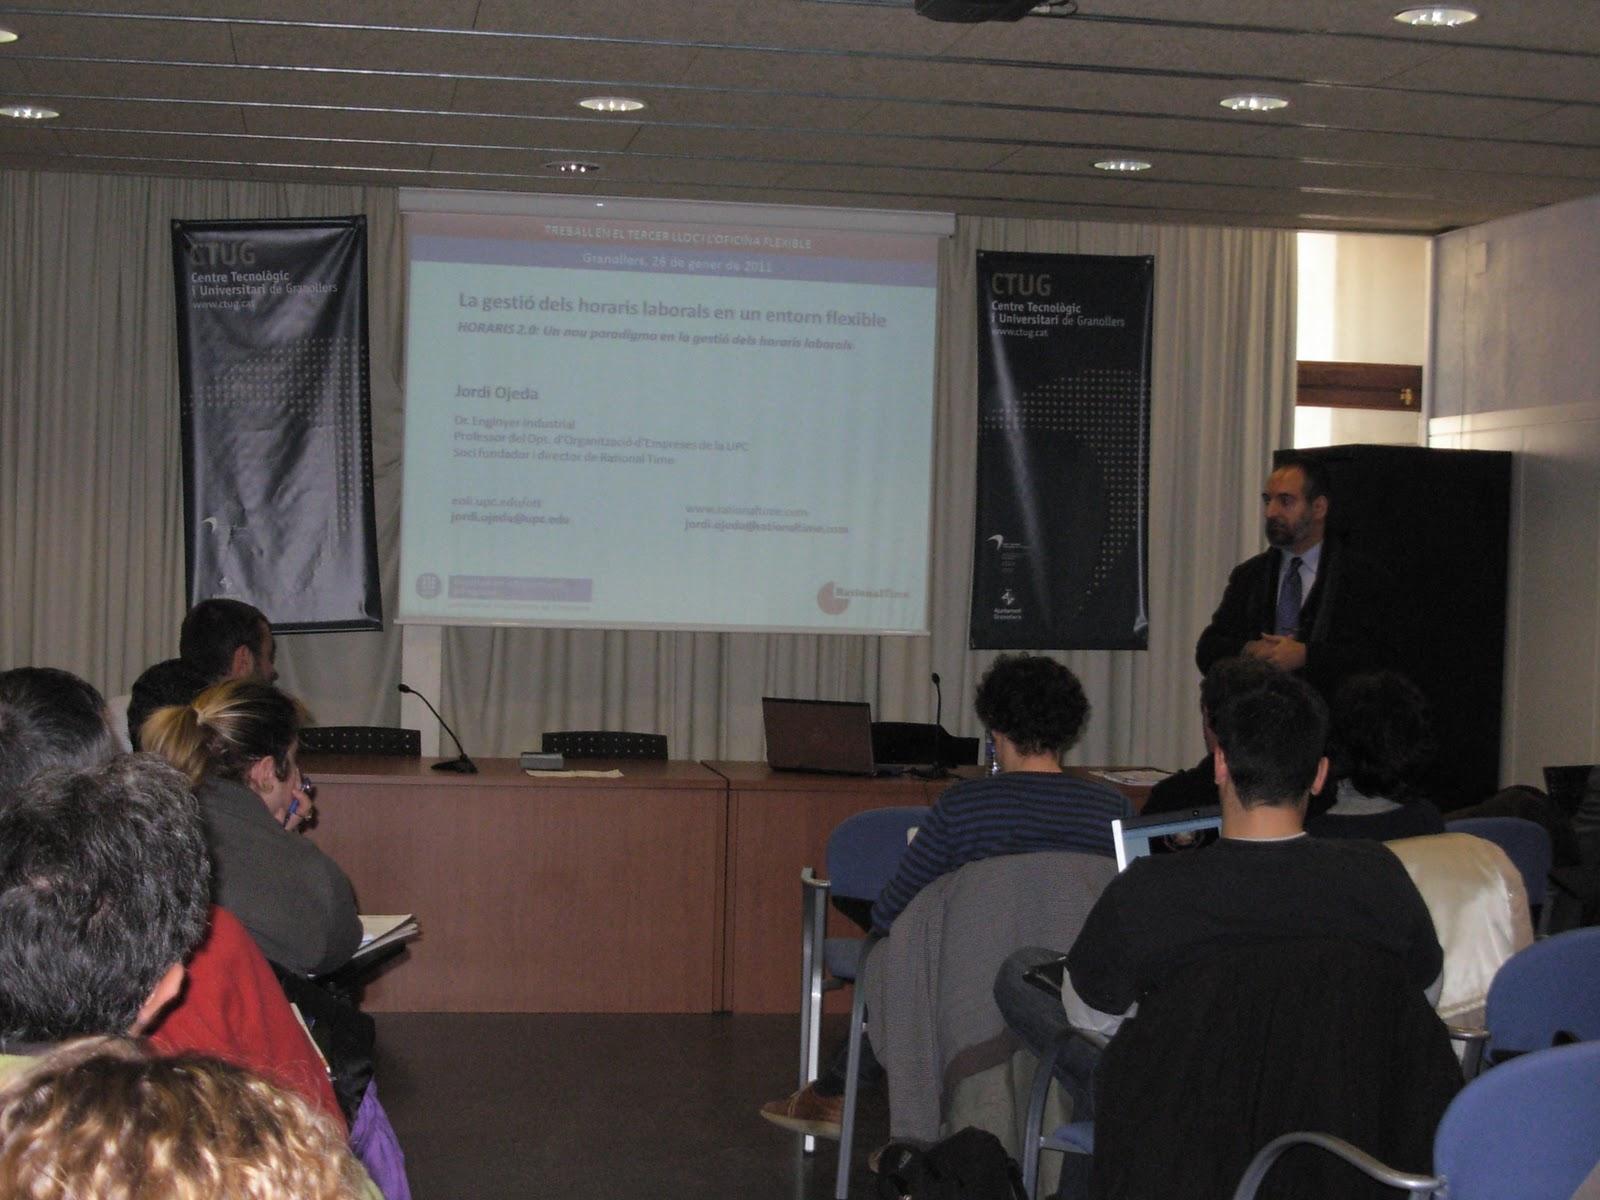 Cct conocimiento colaboraci n tiempo enero 2011 for Oficina correos granollers